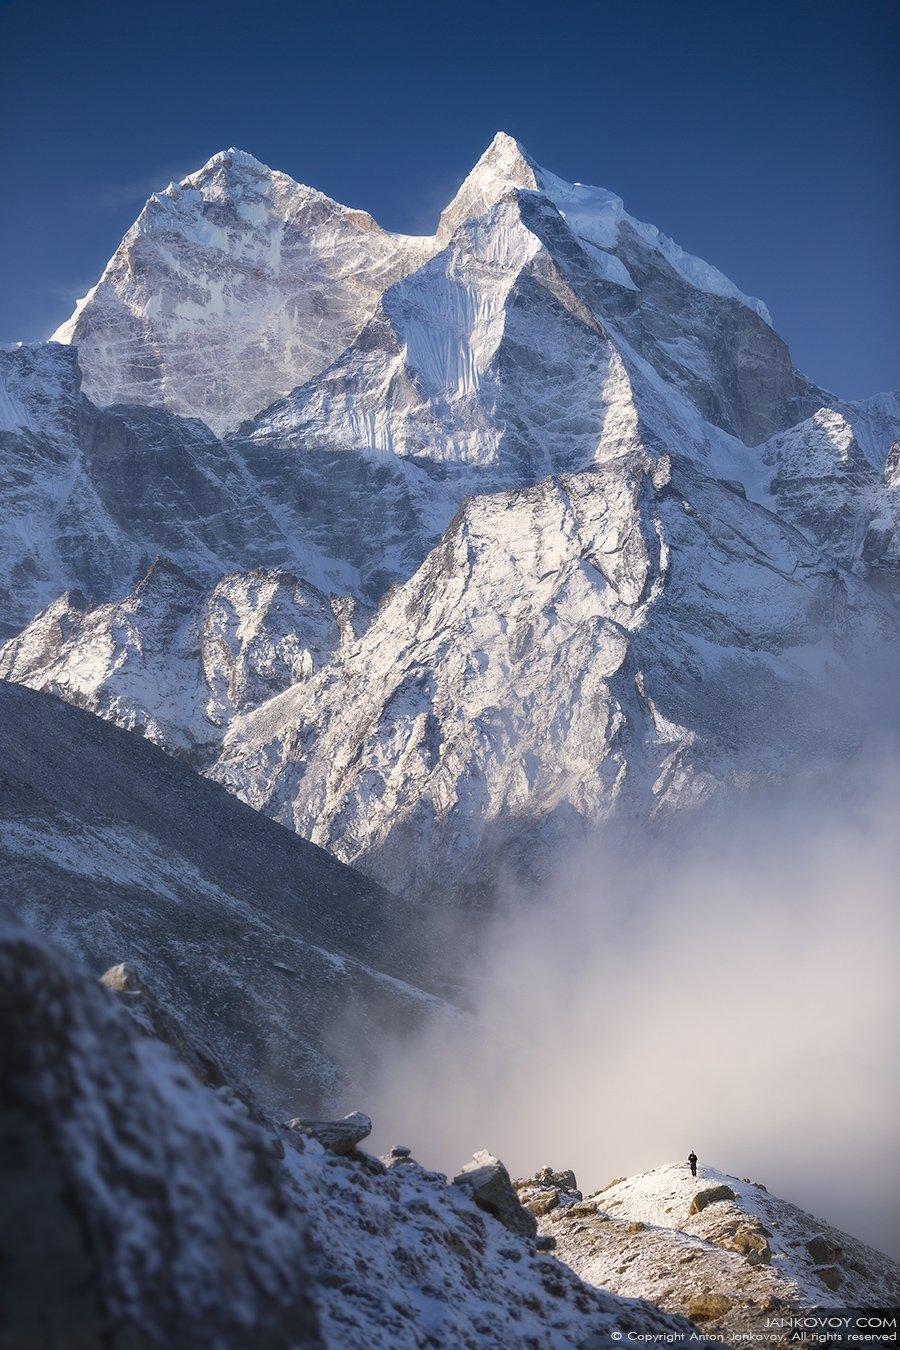 Непал, Эверест, Кантега, Гималаи, горы, треккинг, путешествия, пейзаж, снег, природа, Антон Янковой (www.photo-travel.com)